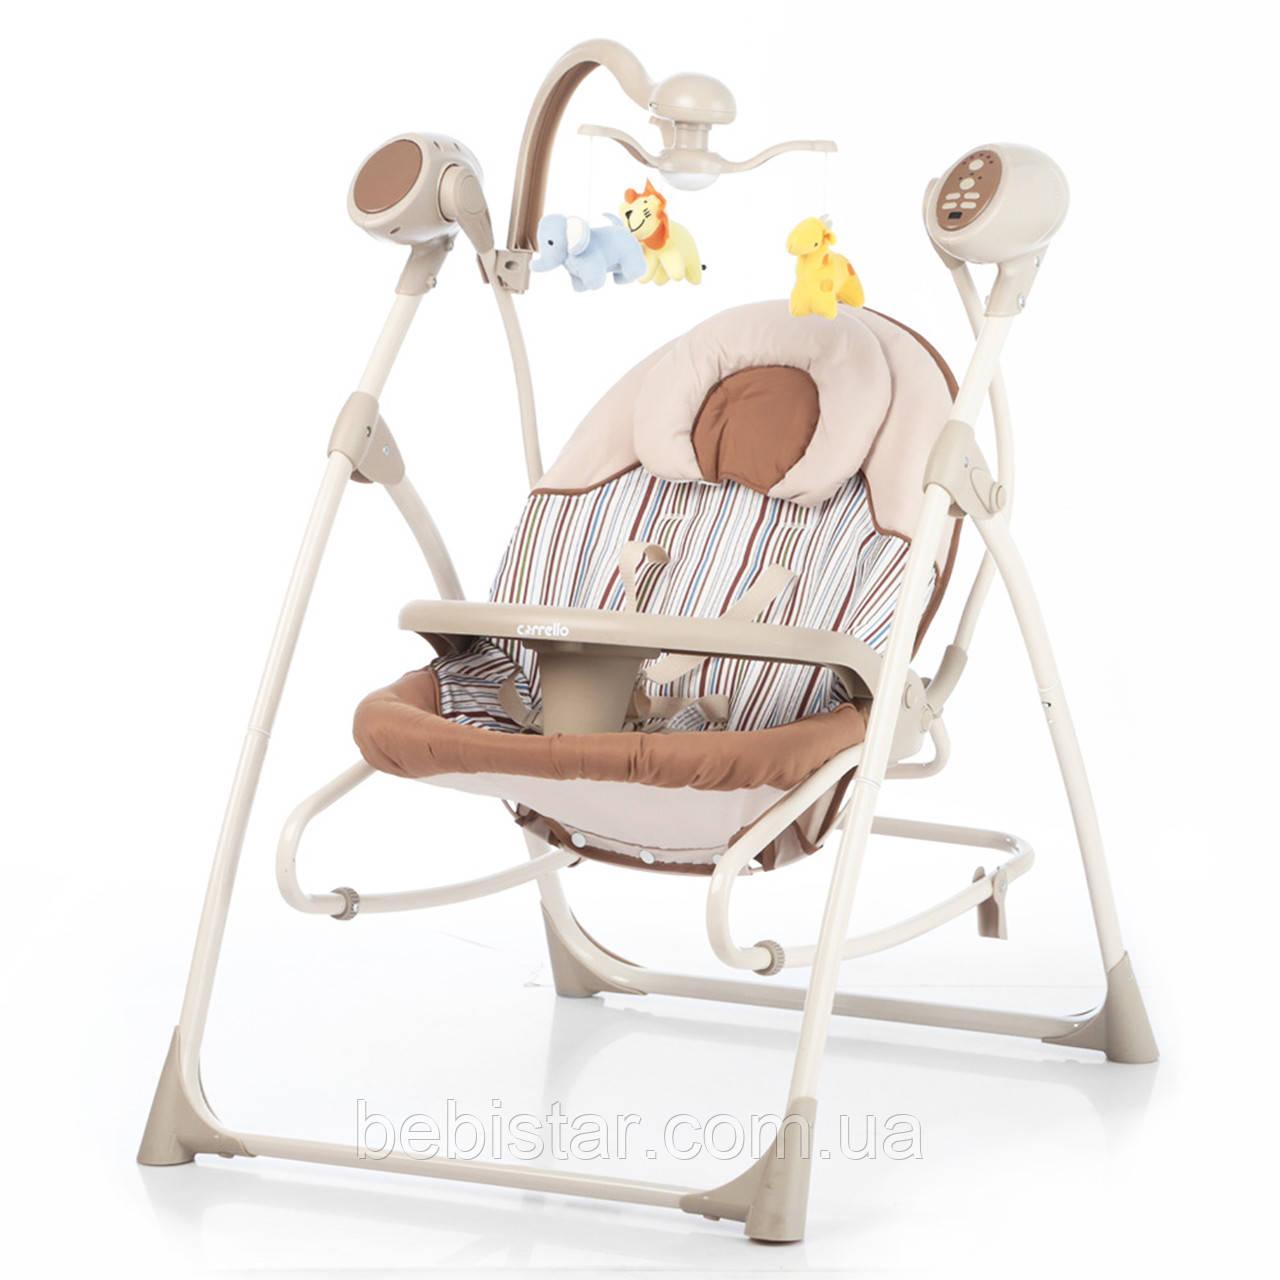 Кресло-качалка шезлонг 3в1 шоколадно-бежевая Carrello Nanny пульт съемный столик вкладыш вращающийся игрушки